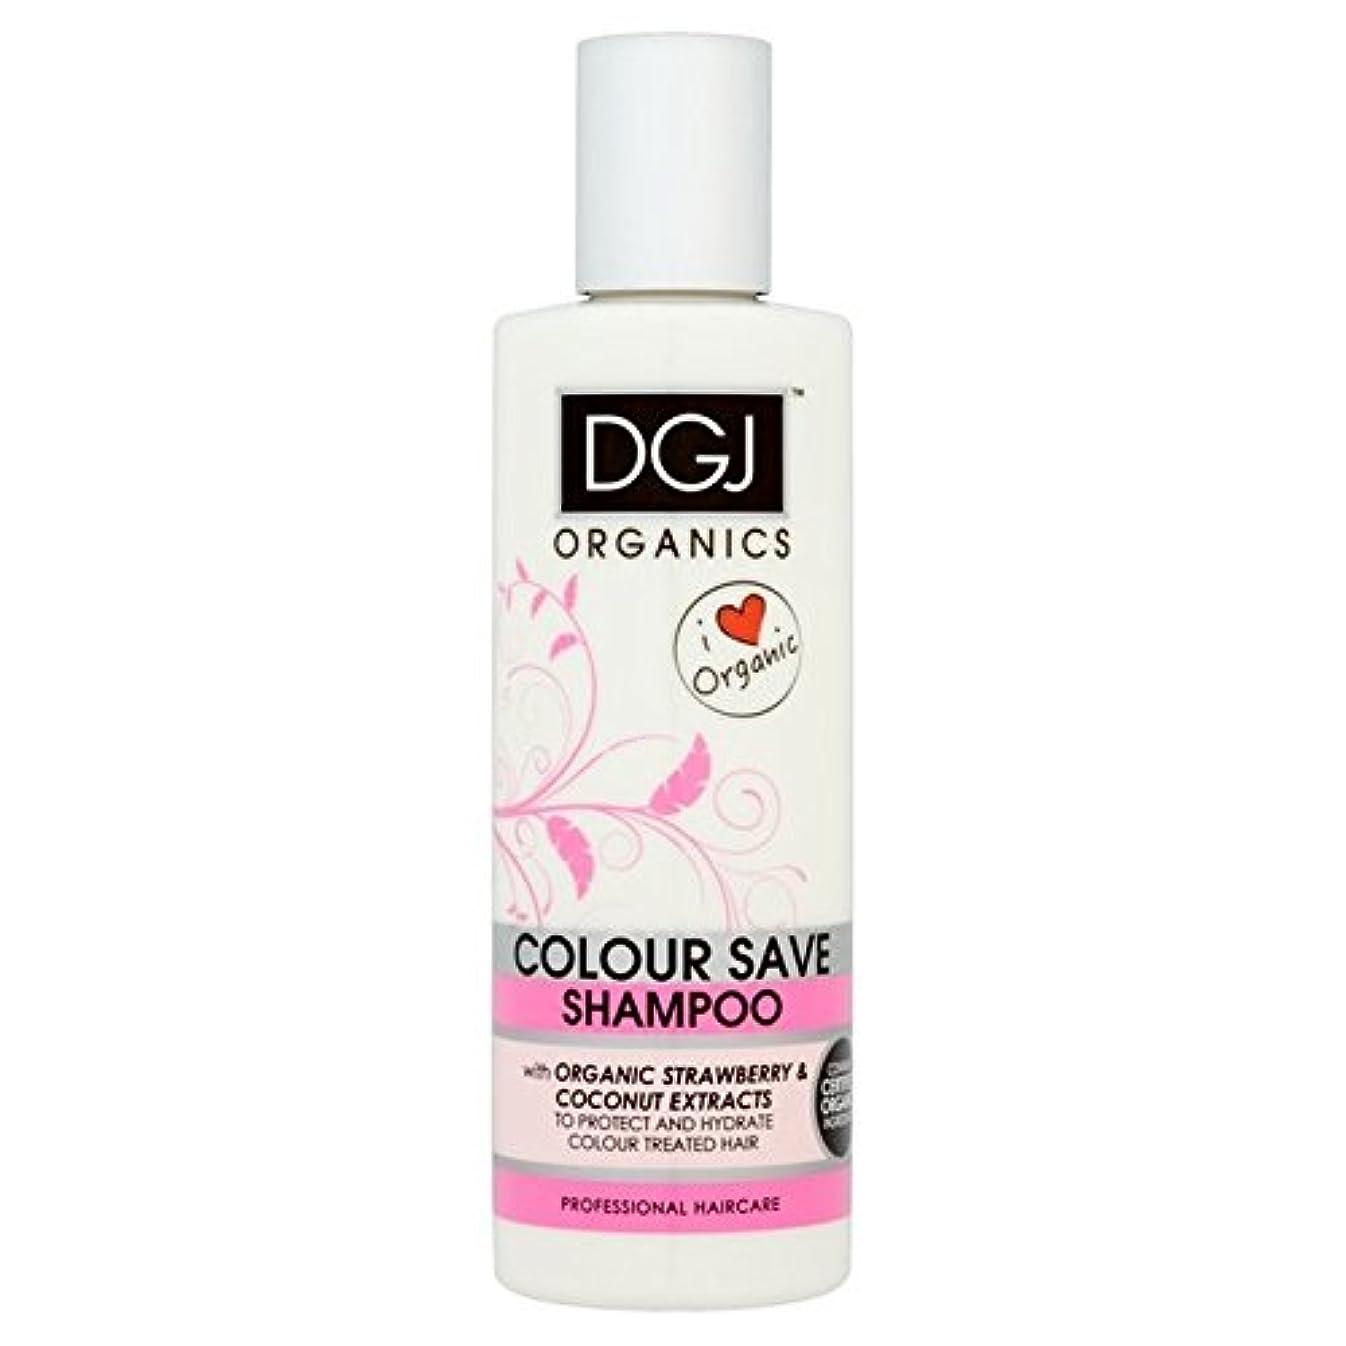 サージ起業家福祉DGJ Organics Colour Save Shampoo 250ml - 有機物の色シャンプー250ミリリットルを保存 [並行輸入品]